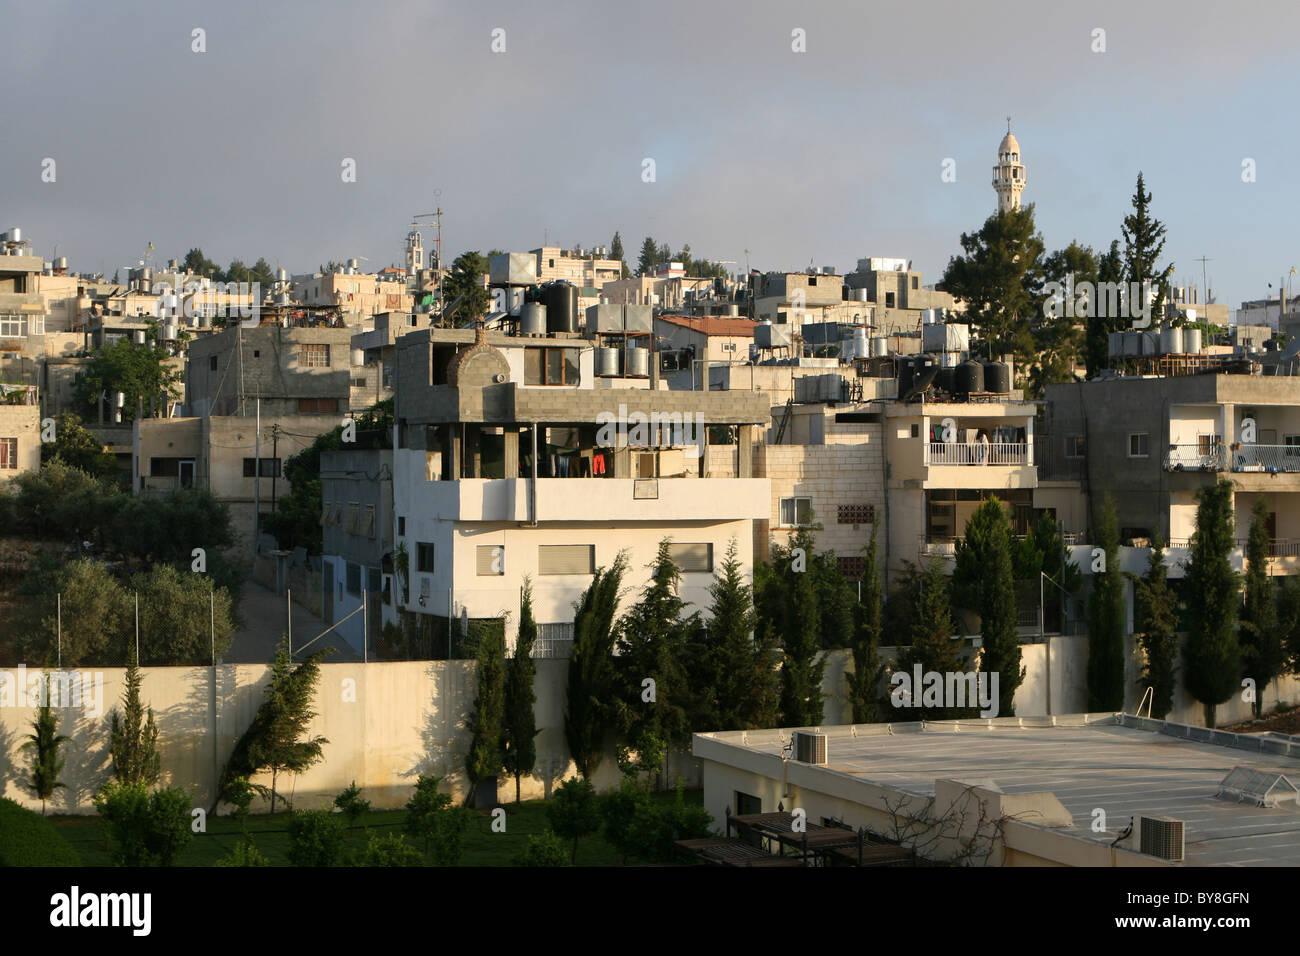 Varias plantas casas de palestinos aumentando de forma compacta en la cima de esta colina en Belén, Israel. Imagen De Stock